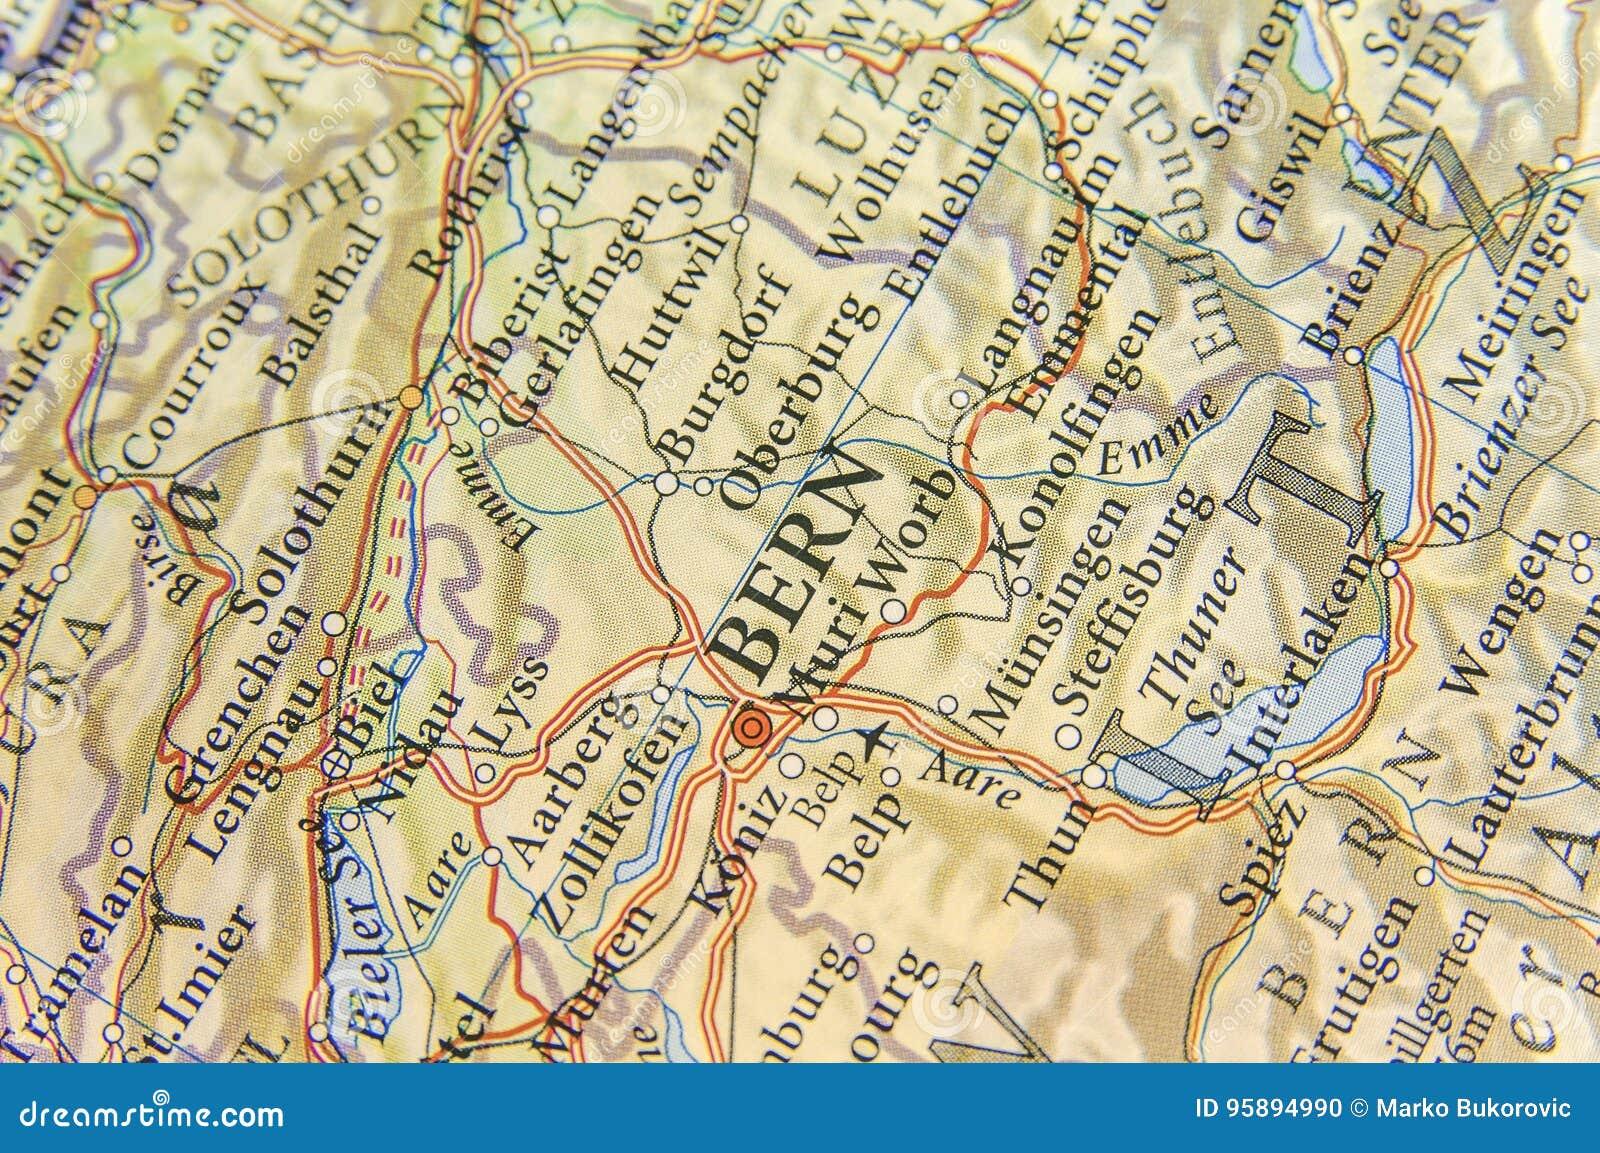 La Cartina Geografica Della Svizzera.Mappa Geografica Di Paese Europeo Svizzera Con La Citta Di Berna Della Capitale Fotografia Stock Immagine Di Geografia Paese 95894990